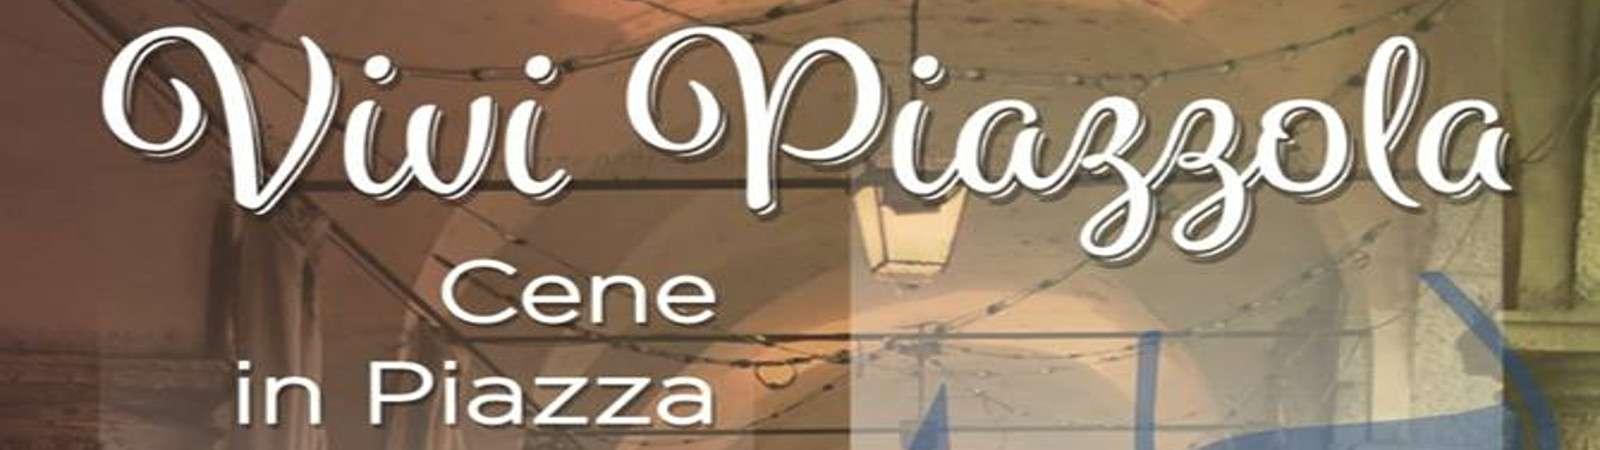 Vivi Piazzola 2018